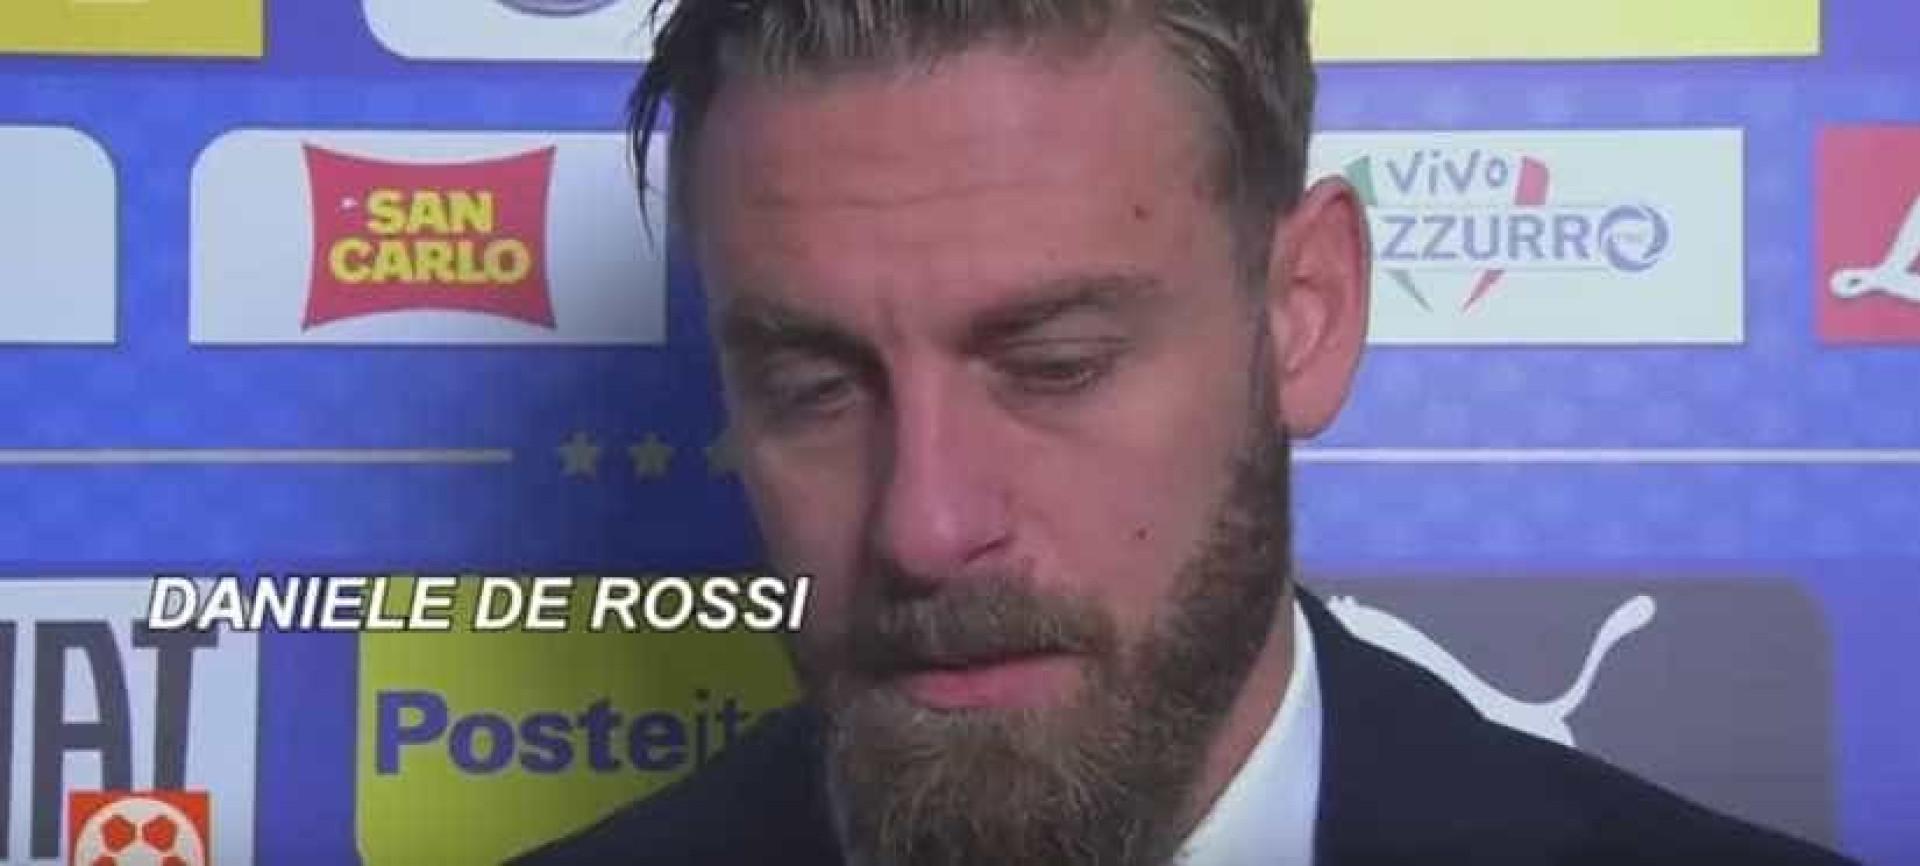 De Rossi junta-se a Buffon e também 'diz adeus' à seleção